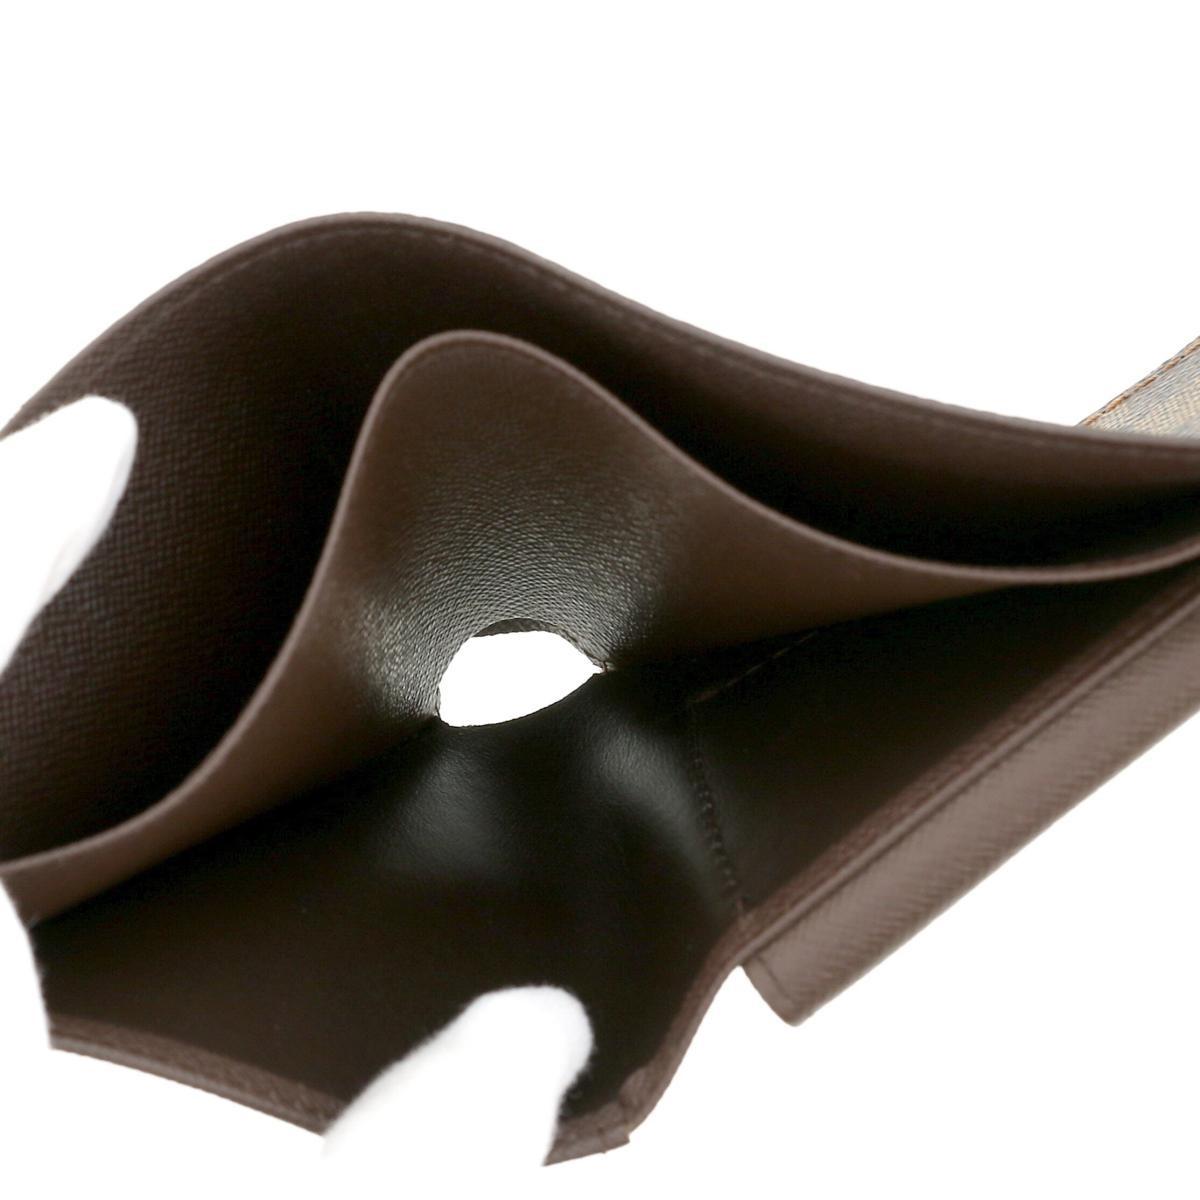 【中古】 LOUIS VUITTON (ルイヴィトン) ポルトビエ・カルトクレディモネ 財布 二つ折り財布(小銭入有) Damier Ebene ダミエ/エベヌ N61665 used:B